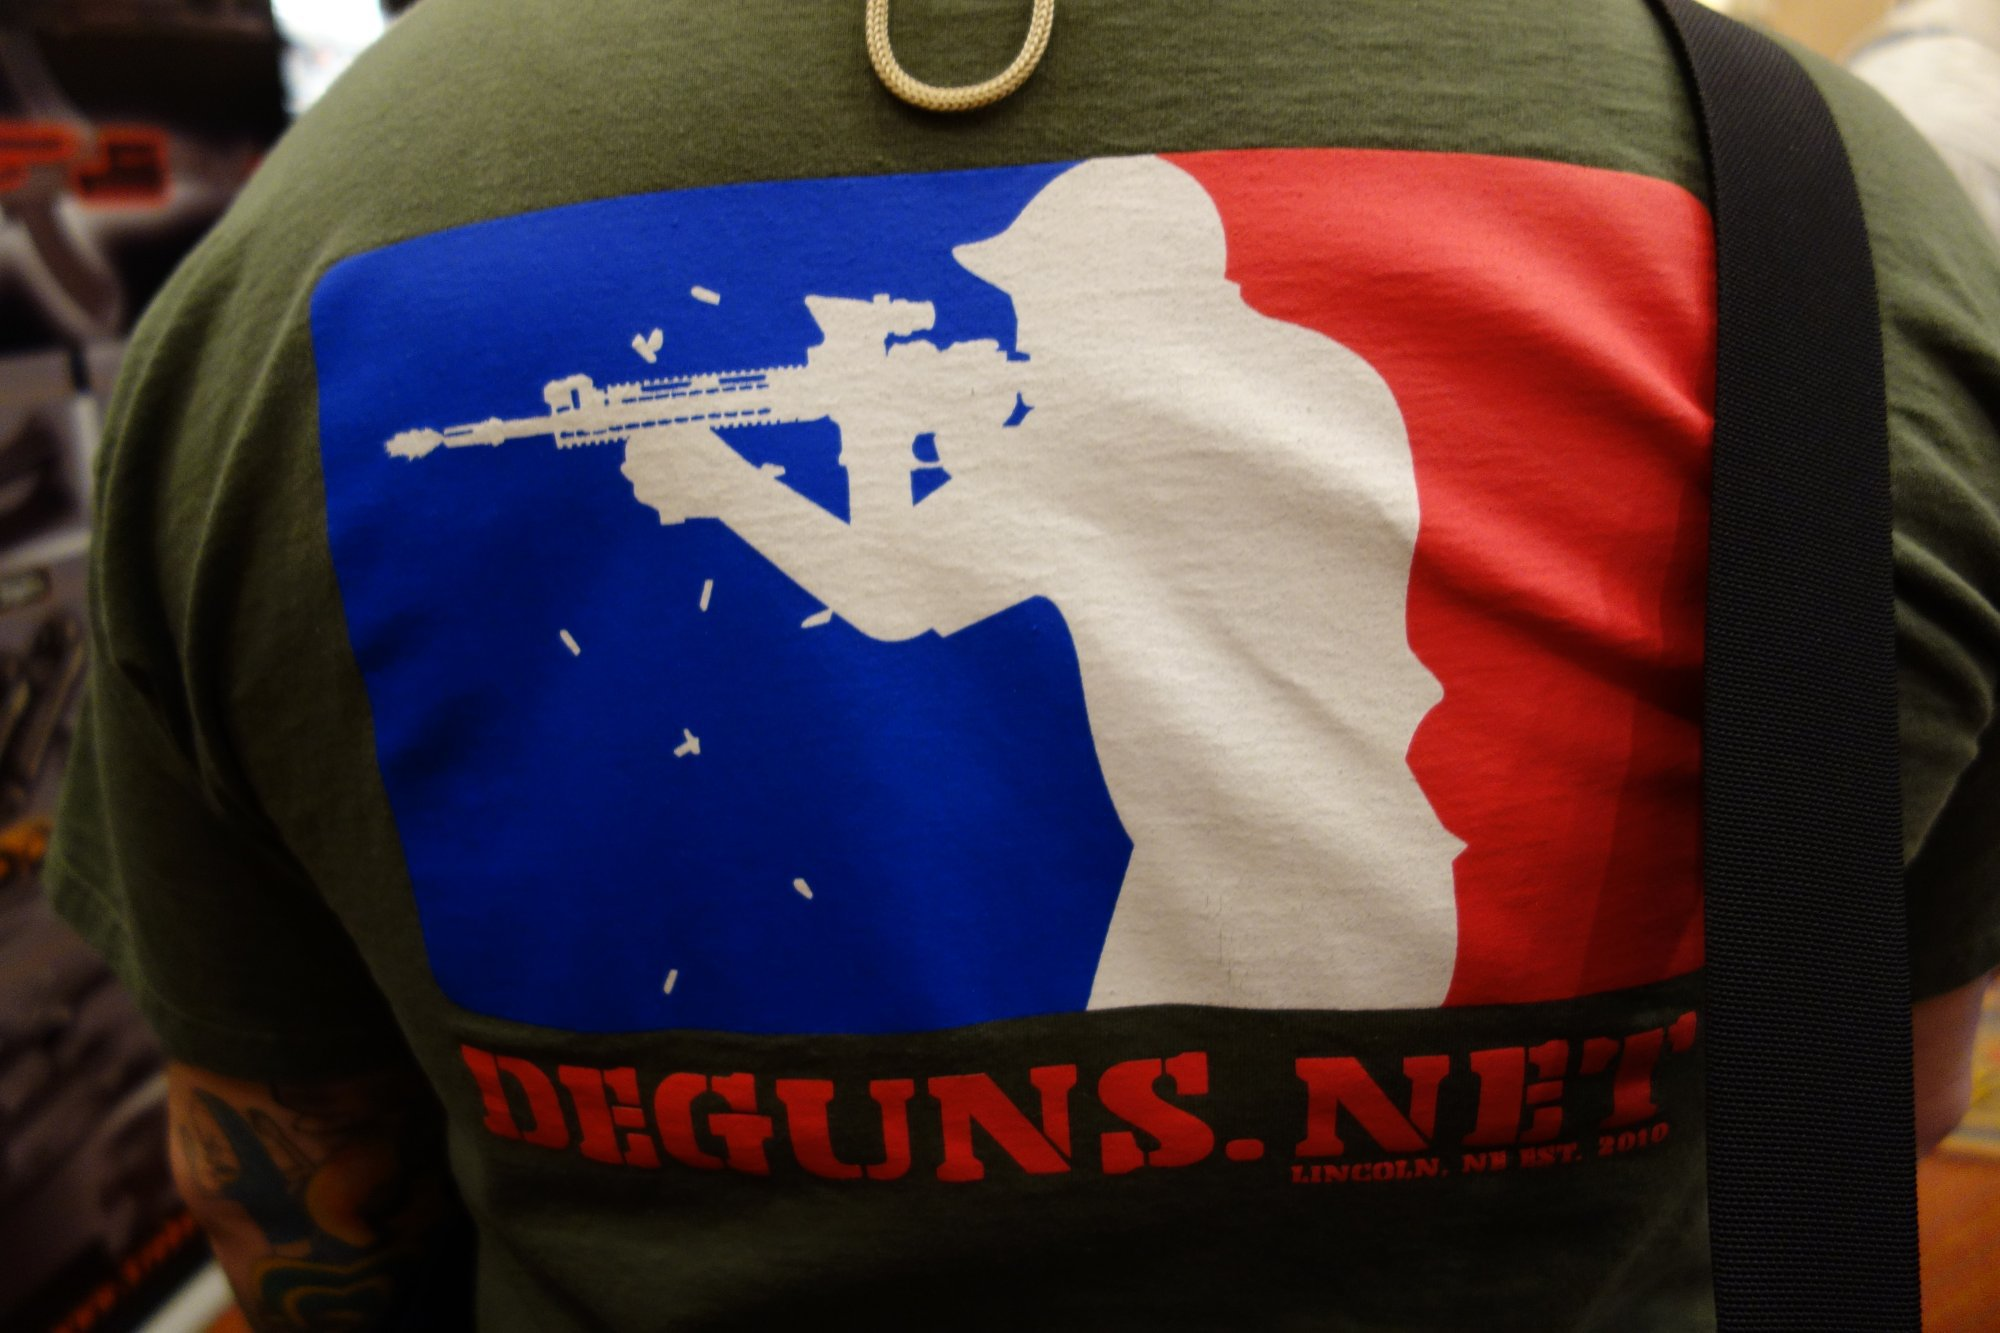 Cool T-Shirt Alert: DEGUNS.net (Discount Enterprises Guns) Tactical-Shooter-Firing-AR-15-Carbine Logo T-Shirt